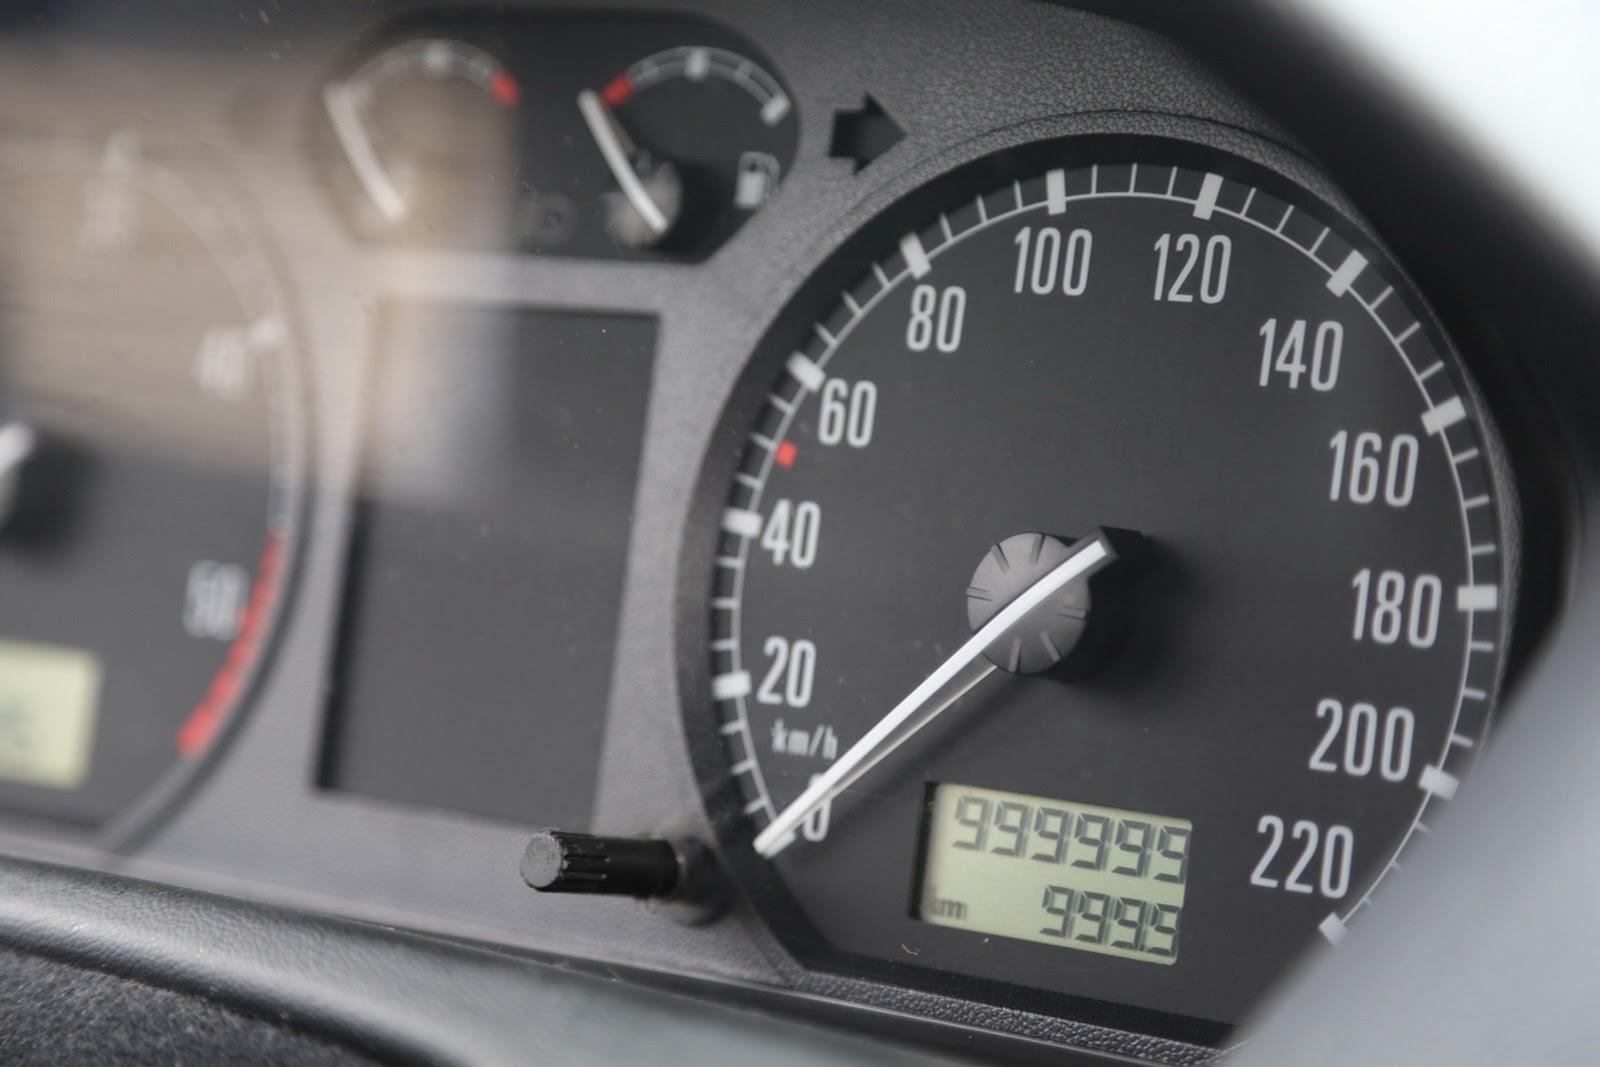 Consigue hacer 1 millón de kilómetros con su Skoda Fabia